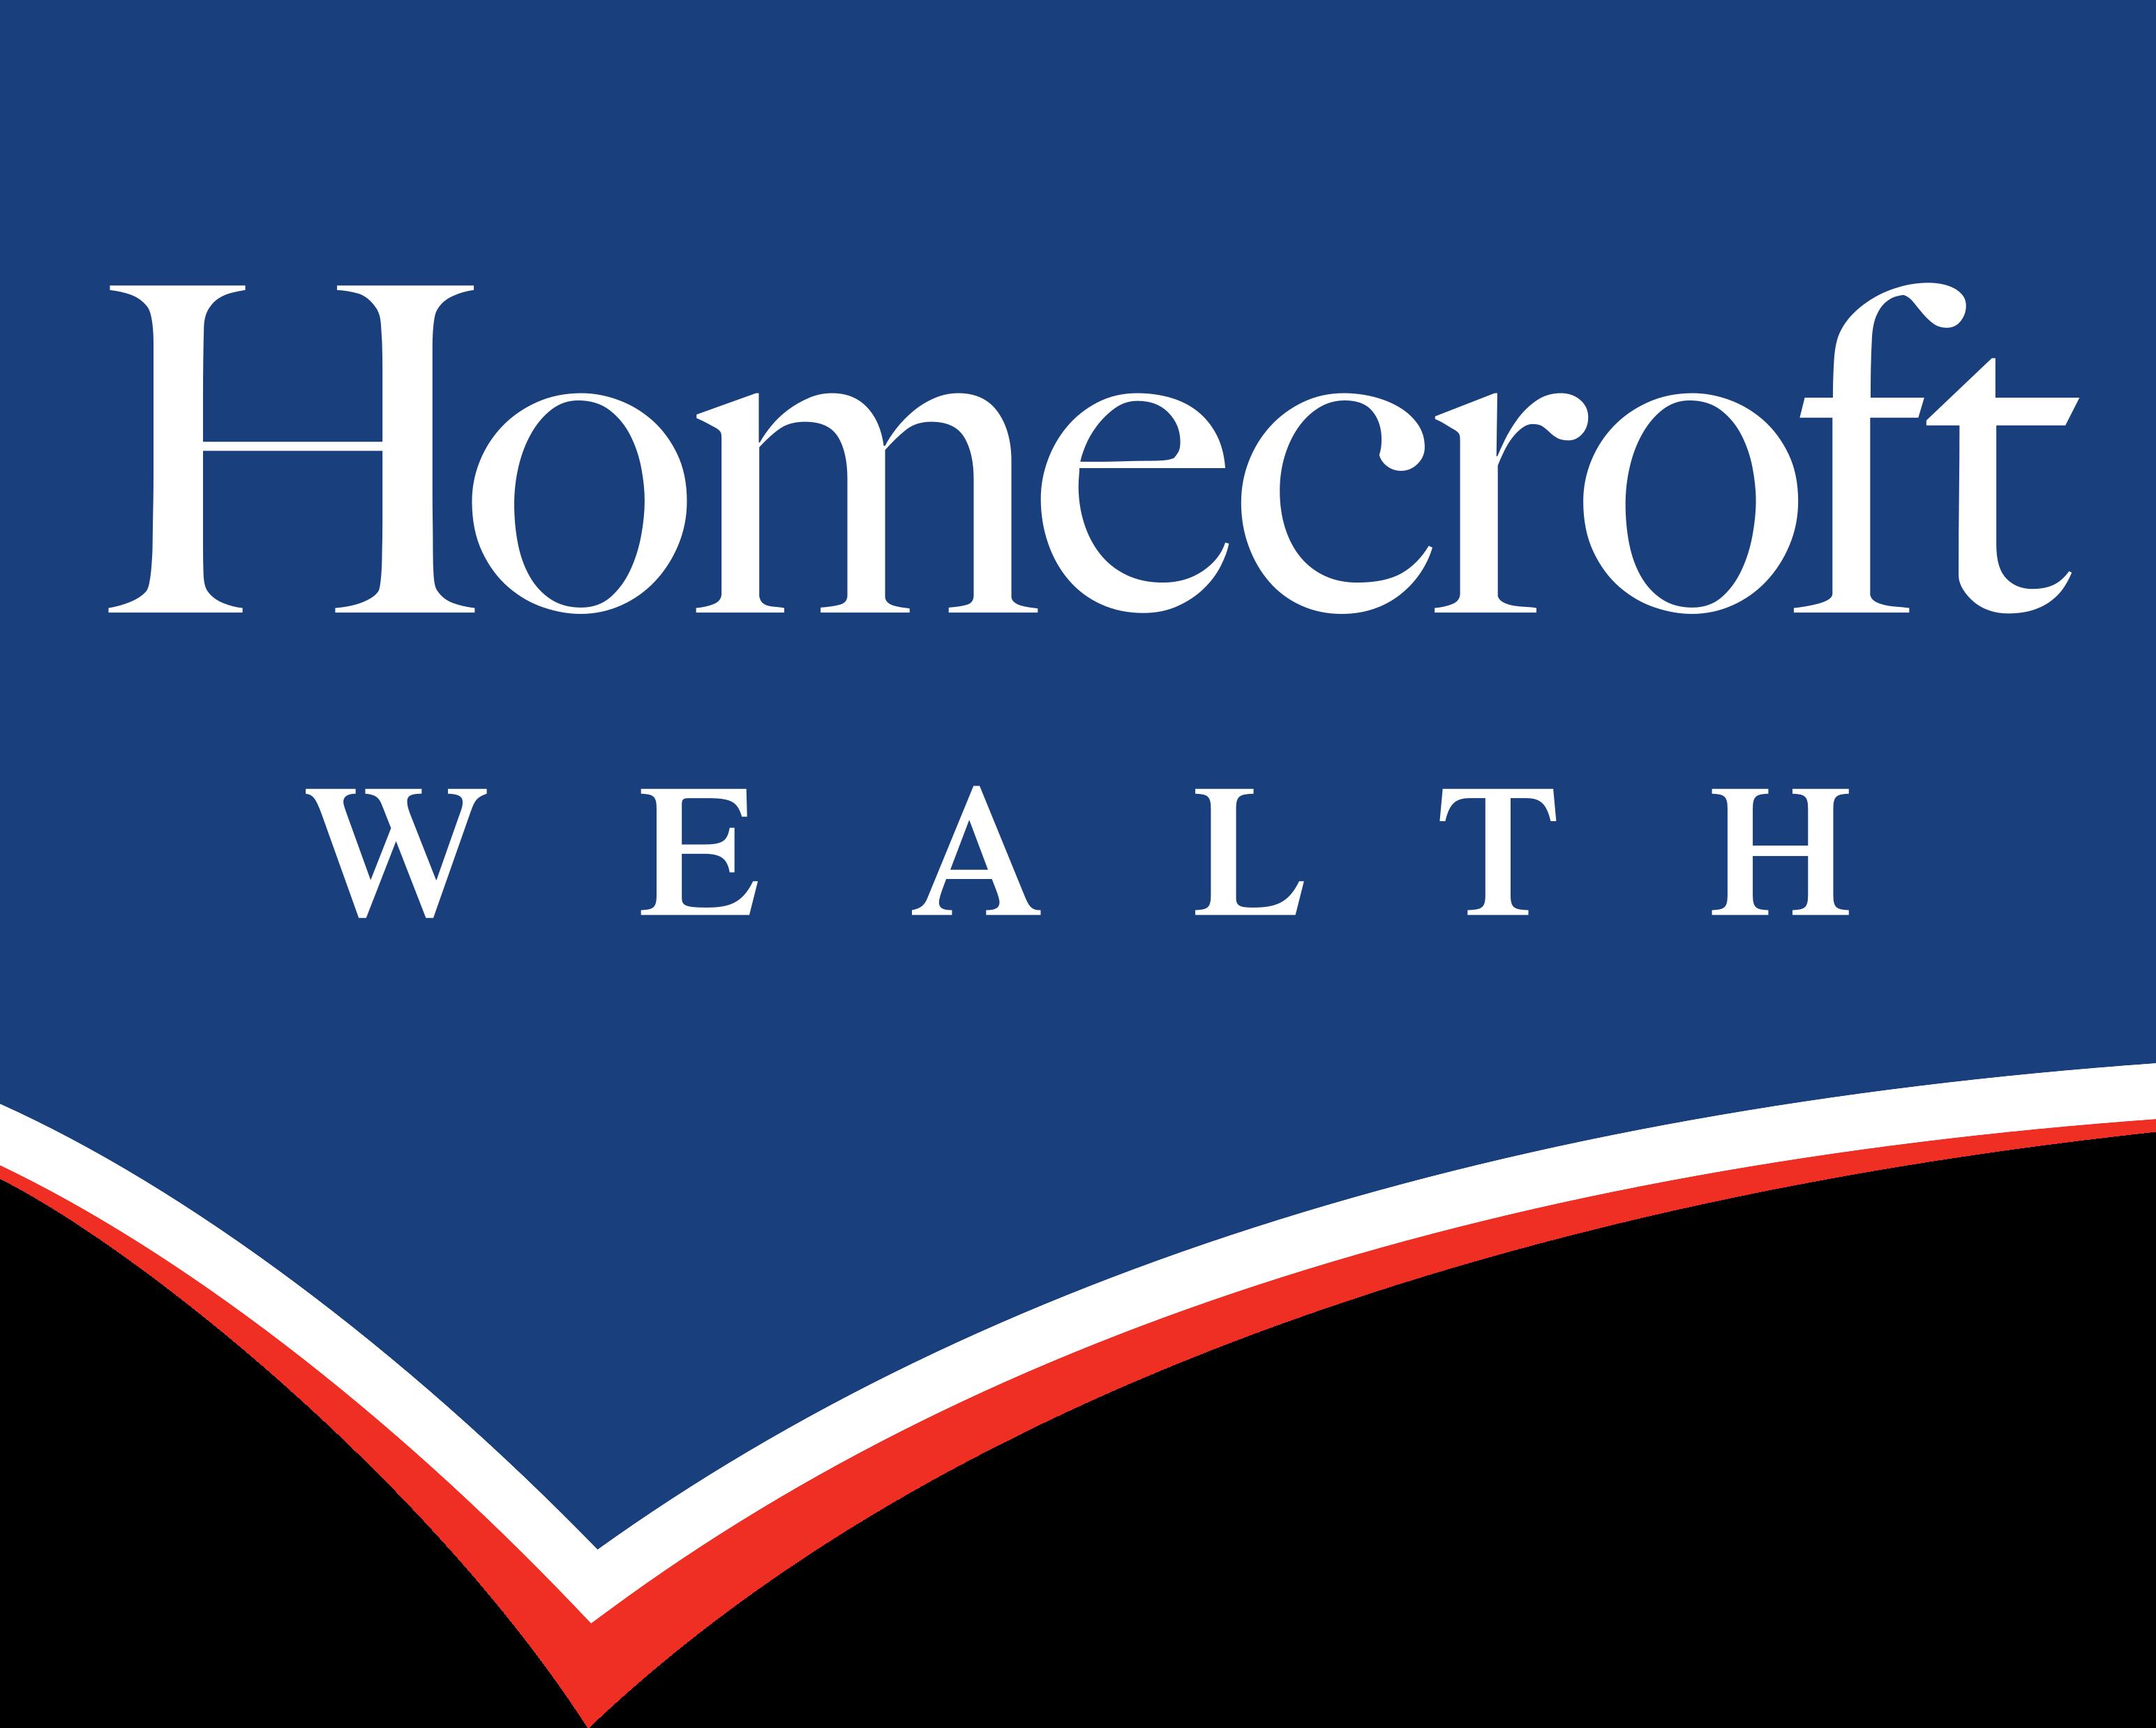 Homecroft